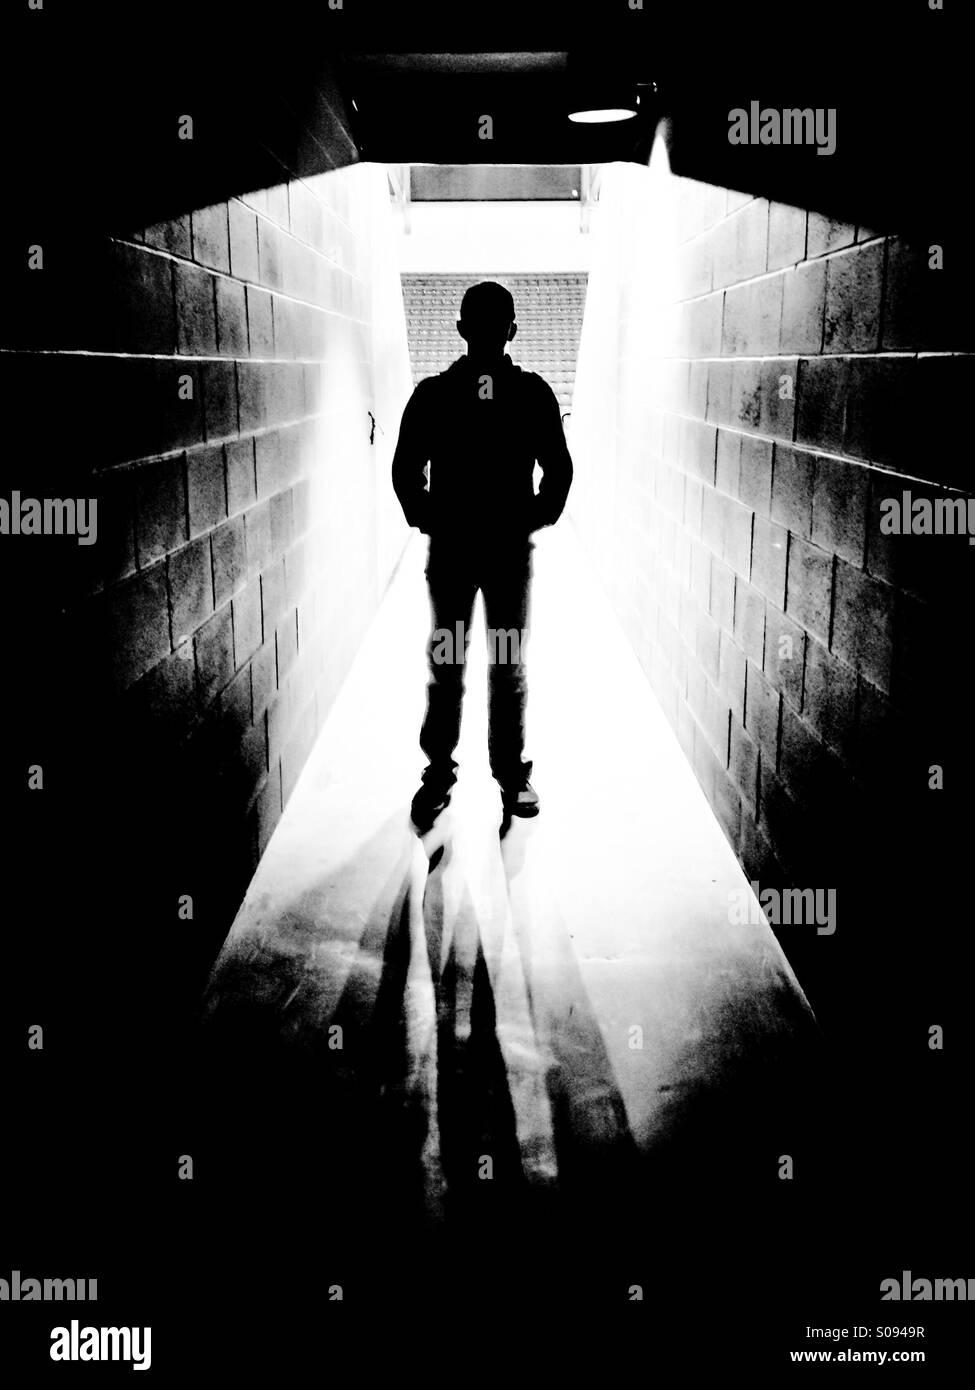 Silhouette der Junge stand im Arena-Tunnel mit Licht von hinten. Stockbild